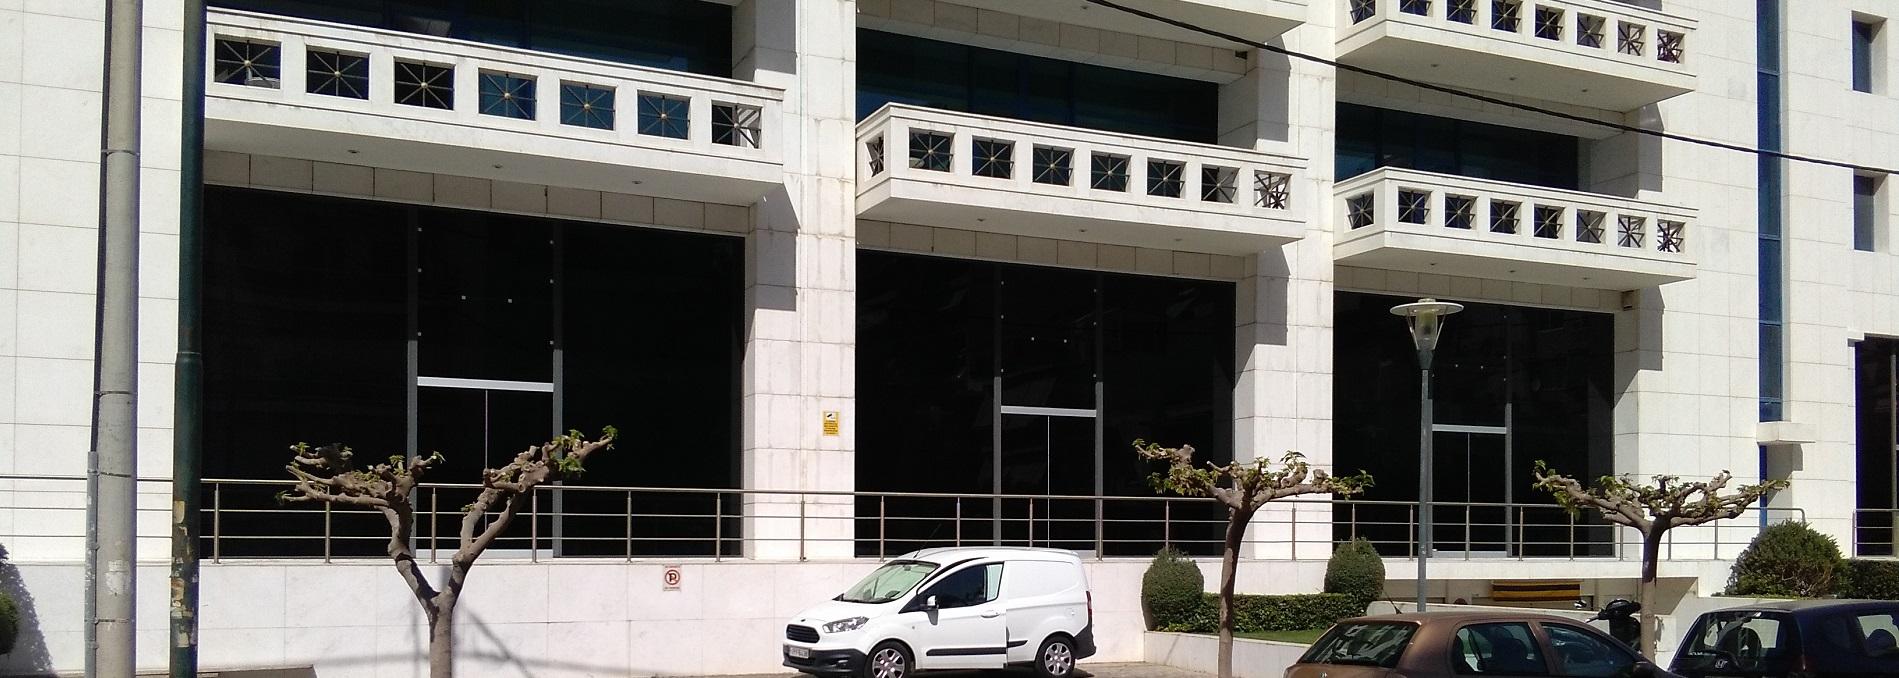 Αντηλιακή Μεμβράνη σε Κτίριο